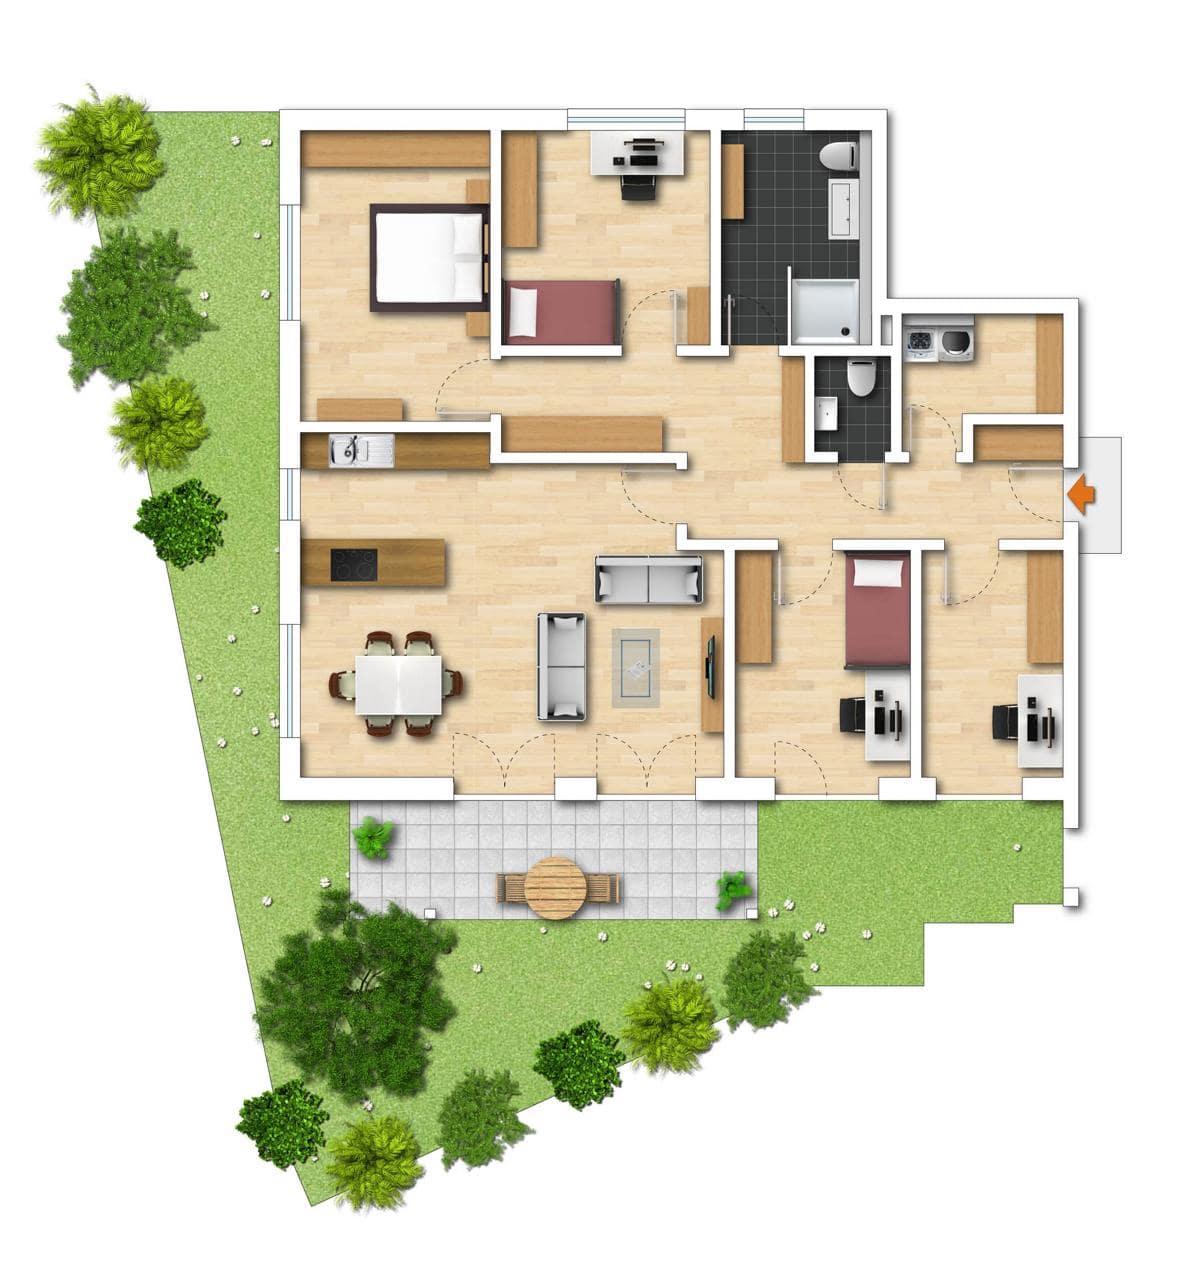 Grundriss Neubauwohnung 1 Bodman im Weiler